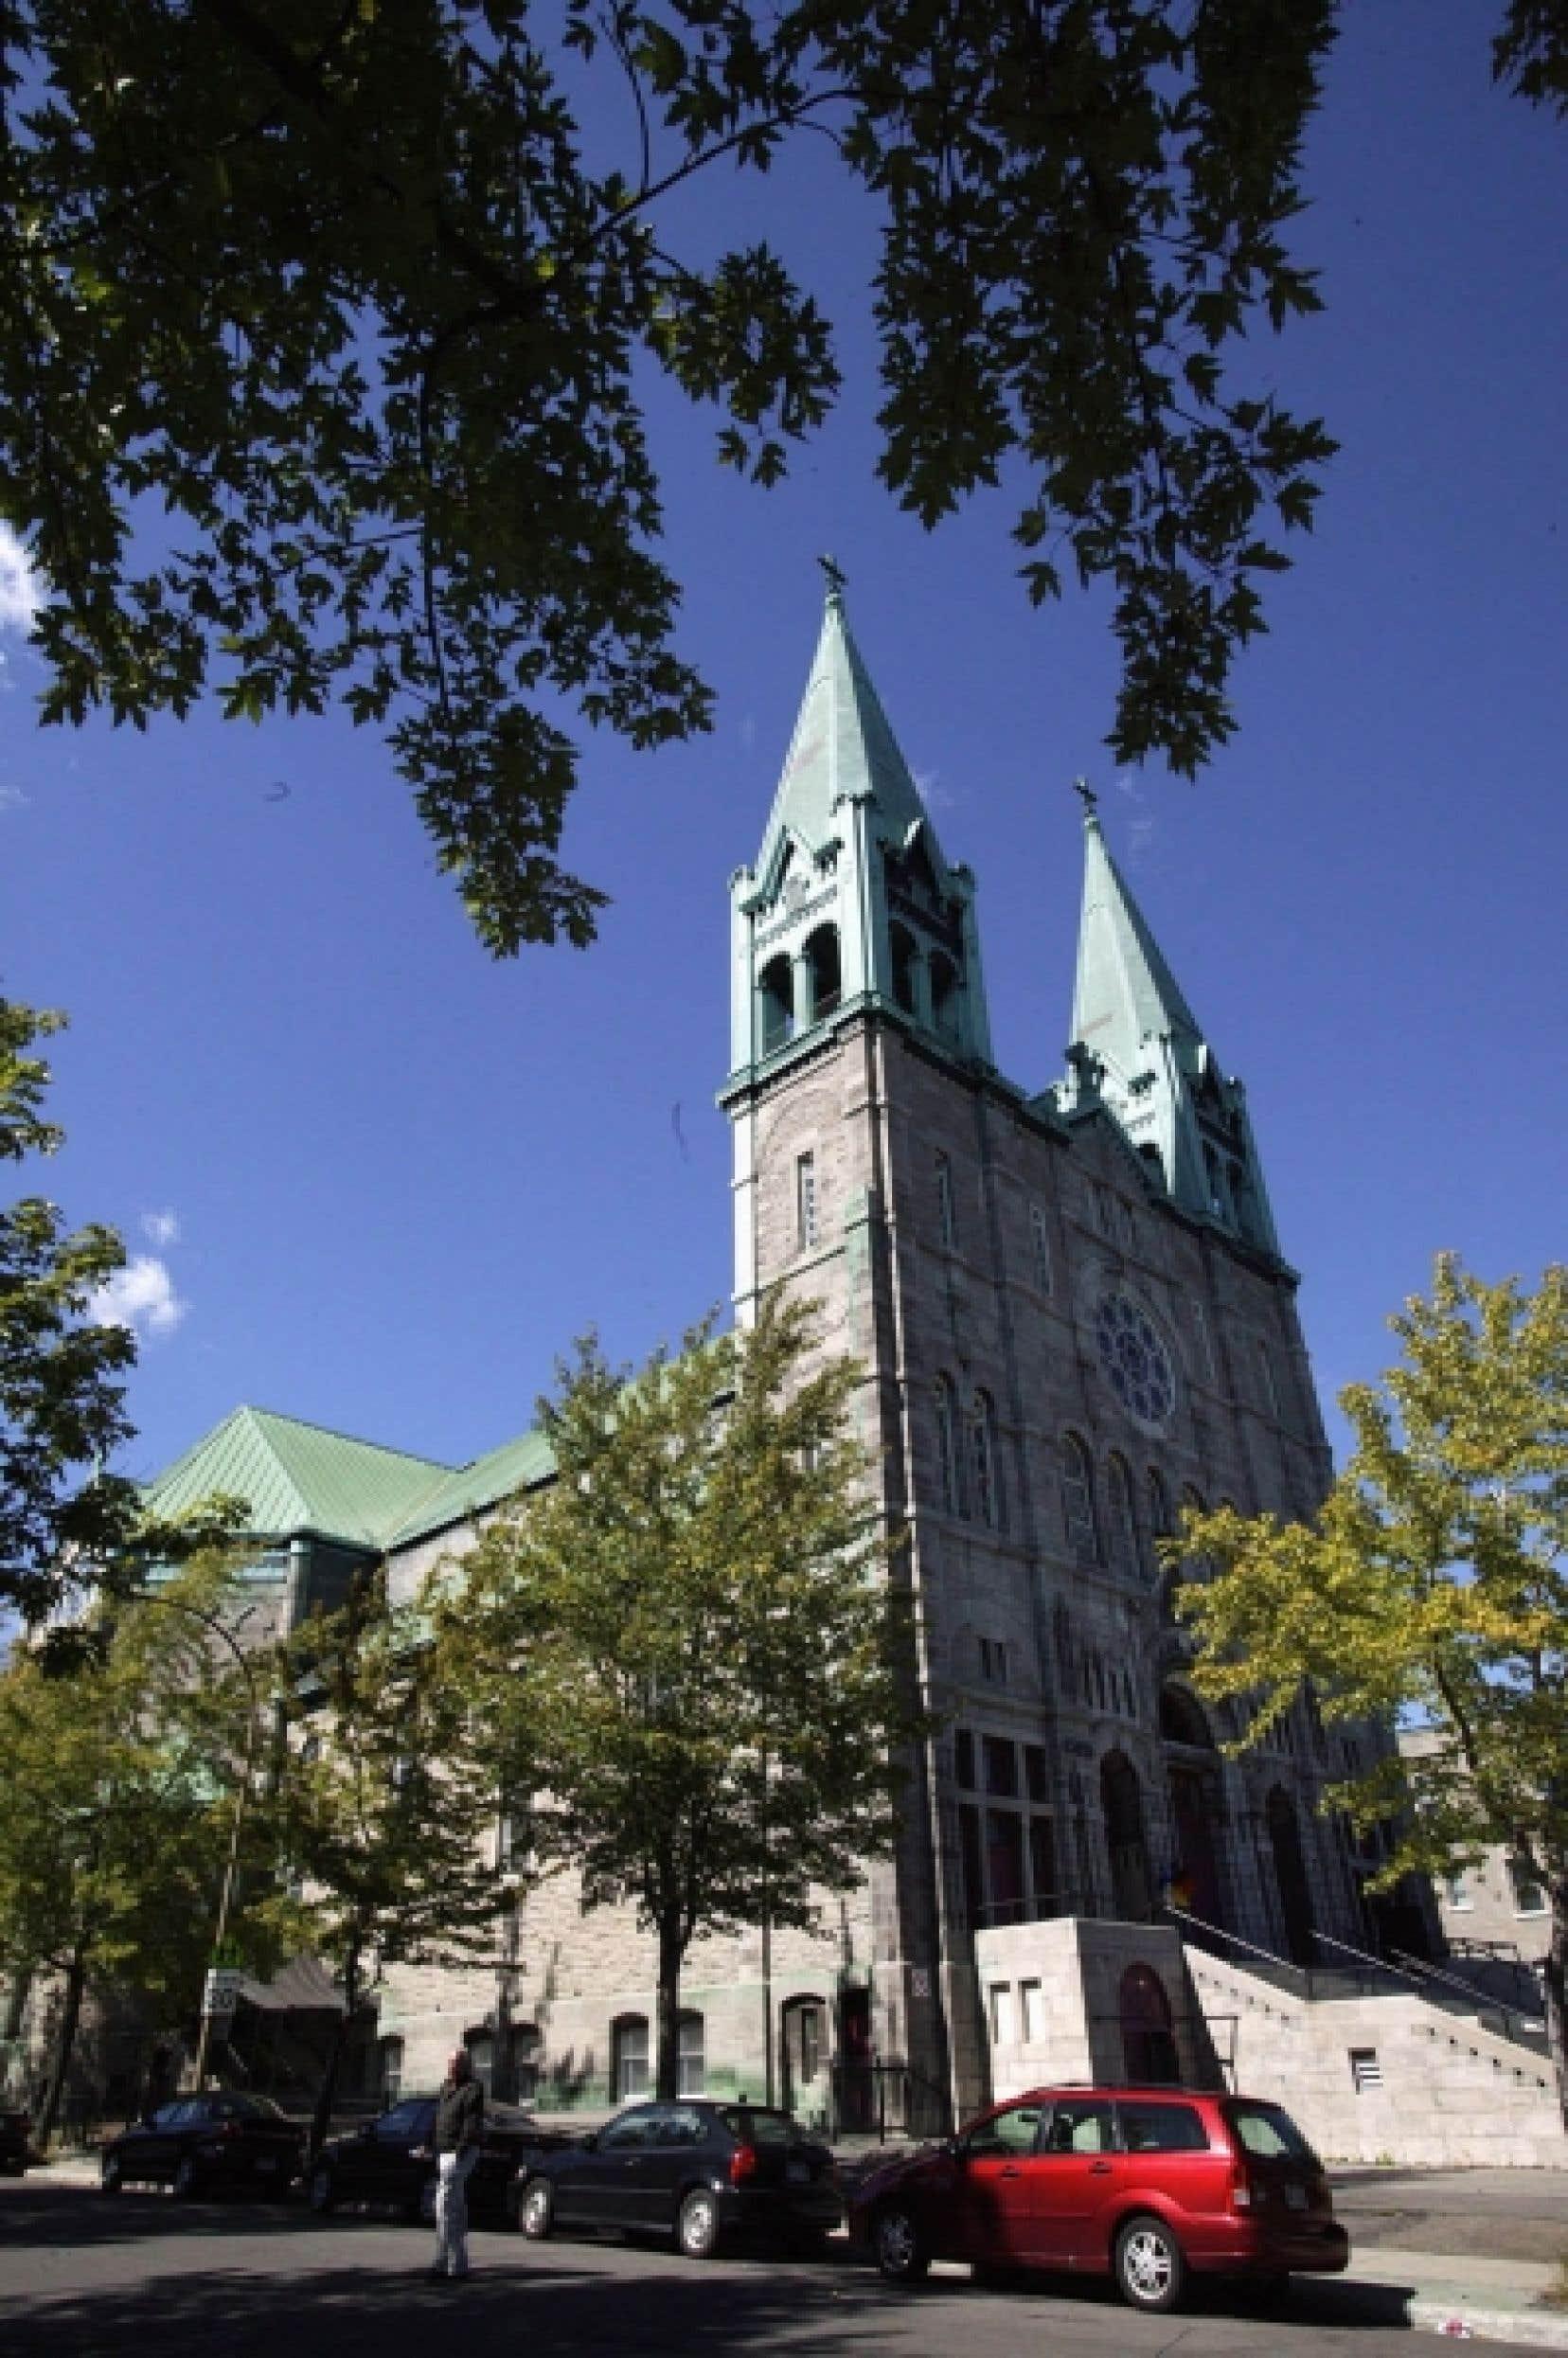 Le sort de l'église du Très-Saint-Nom-de-Jésus est indissociable de la trame du quartier Hochelaga-Maisonneuve, le plus intéressant et typique quartier de Montréal.